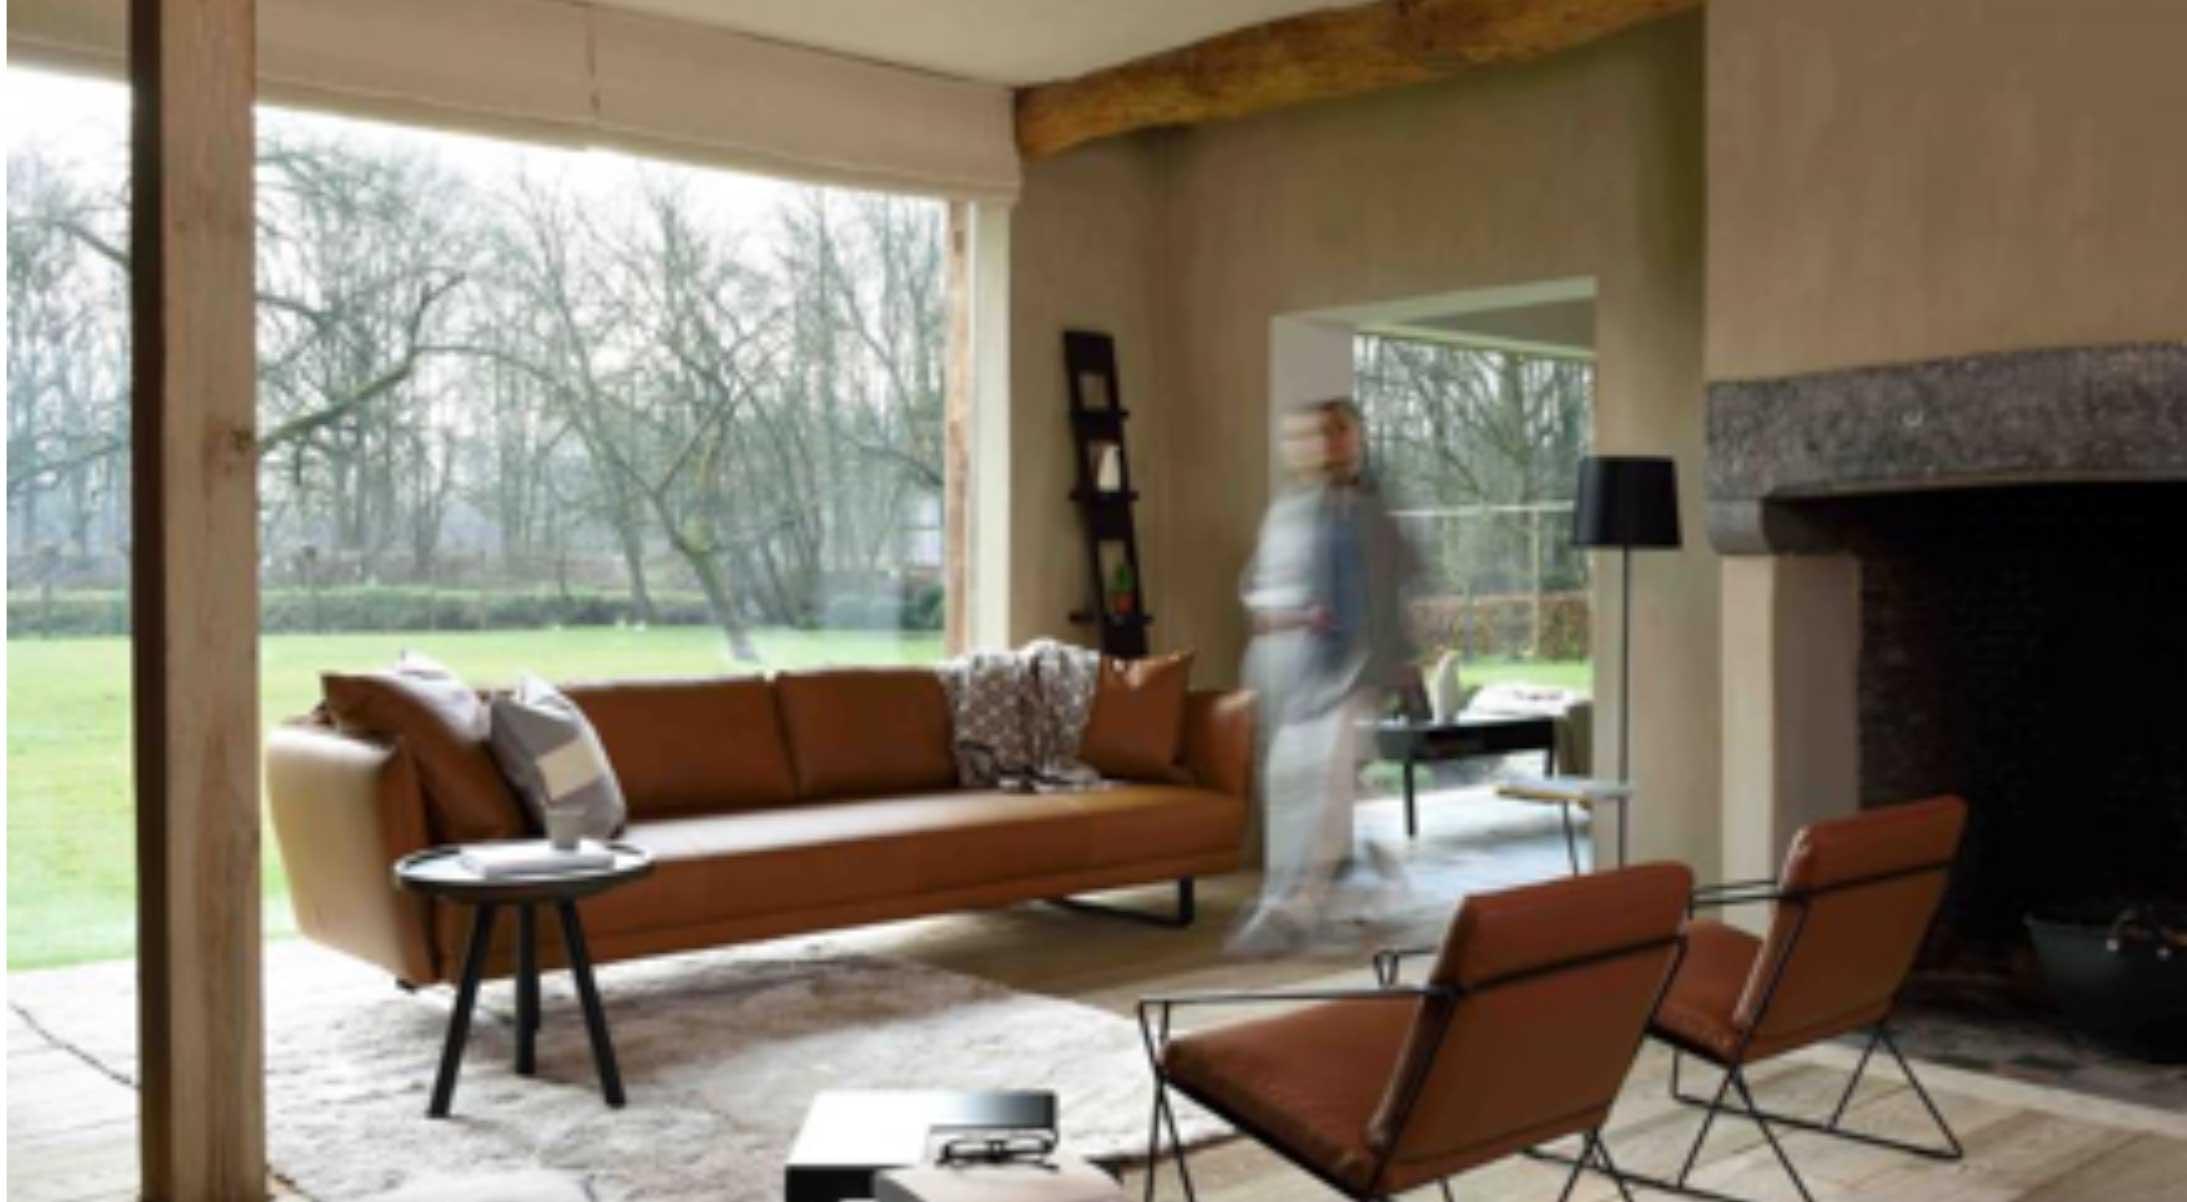 Houtblokken In Huis : Tips om uw huis winterklaar te maken design meubelen interieur